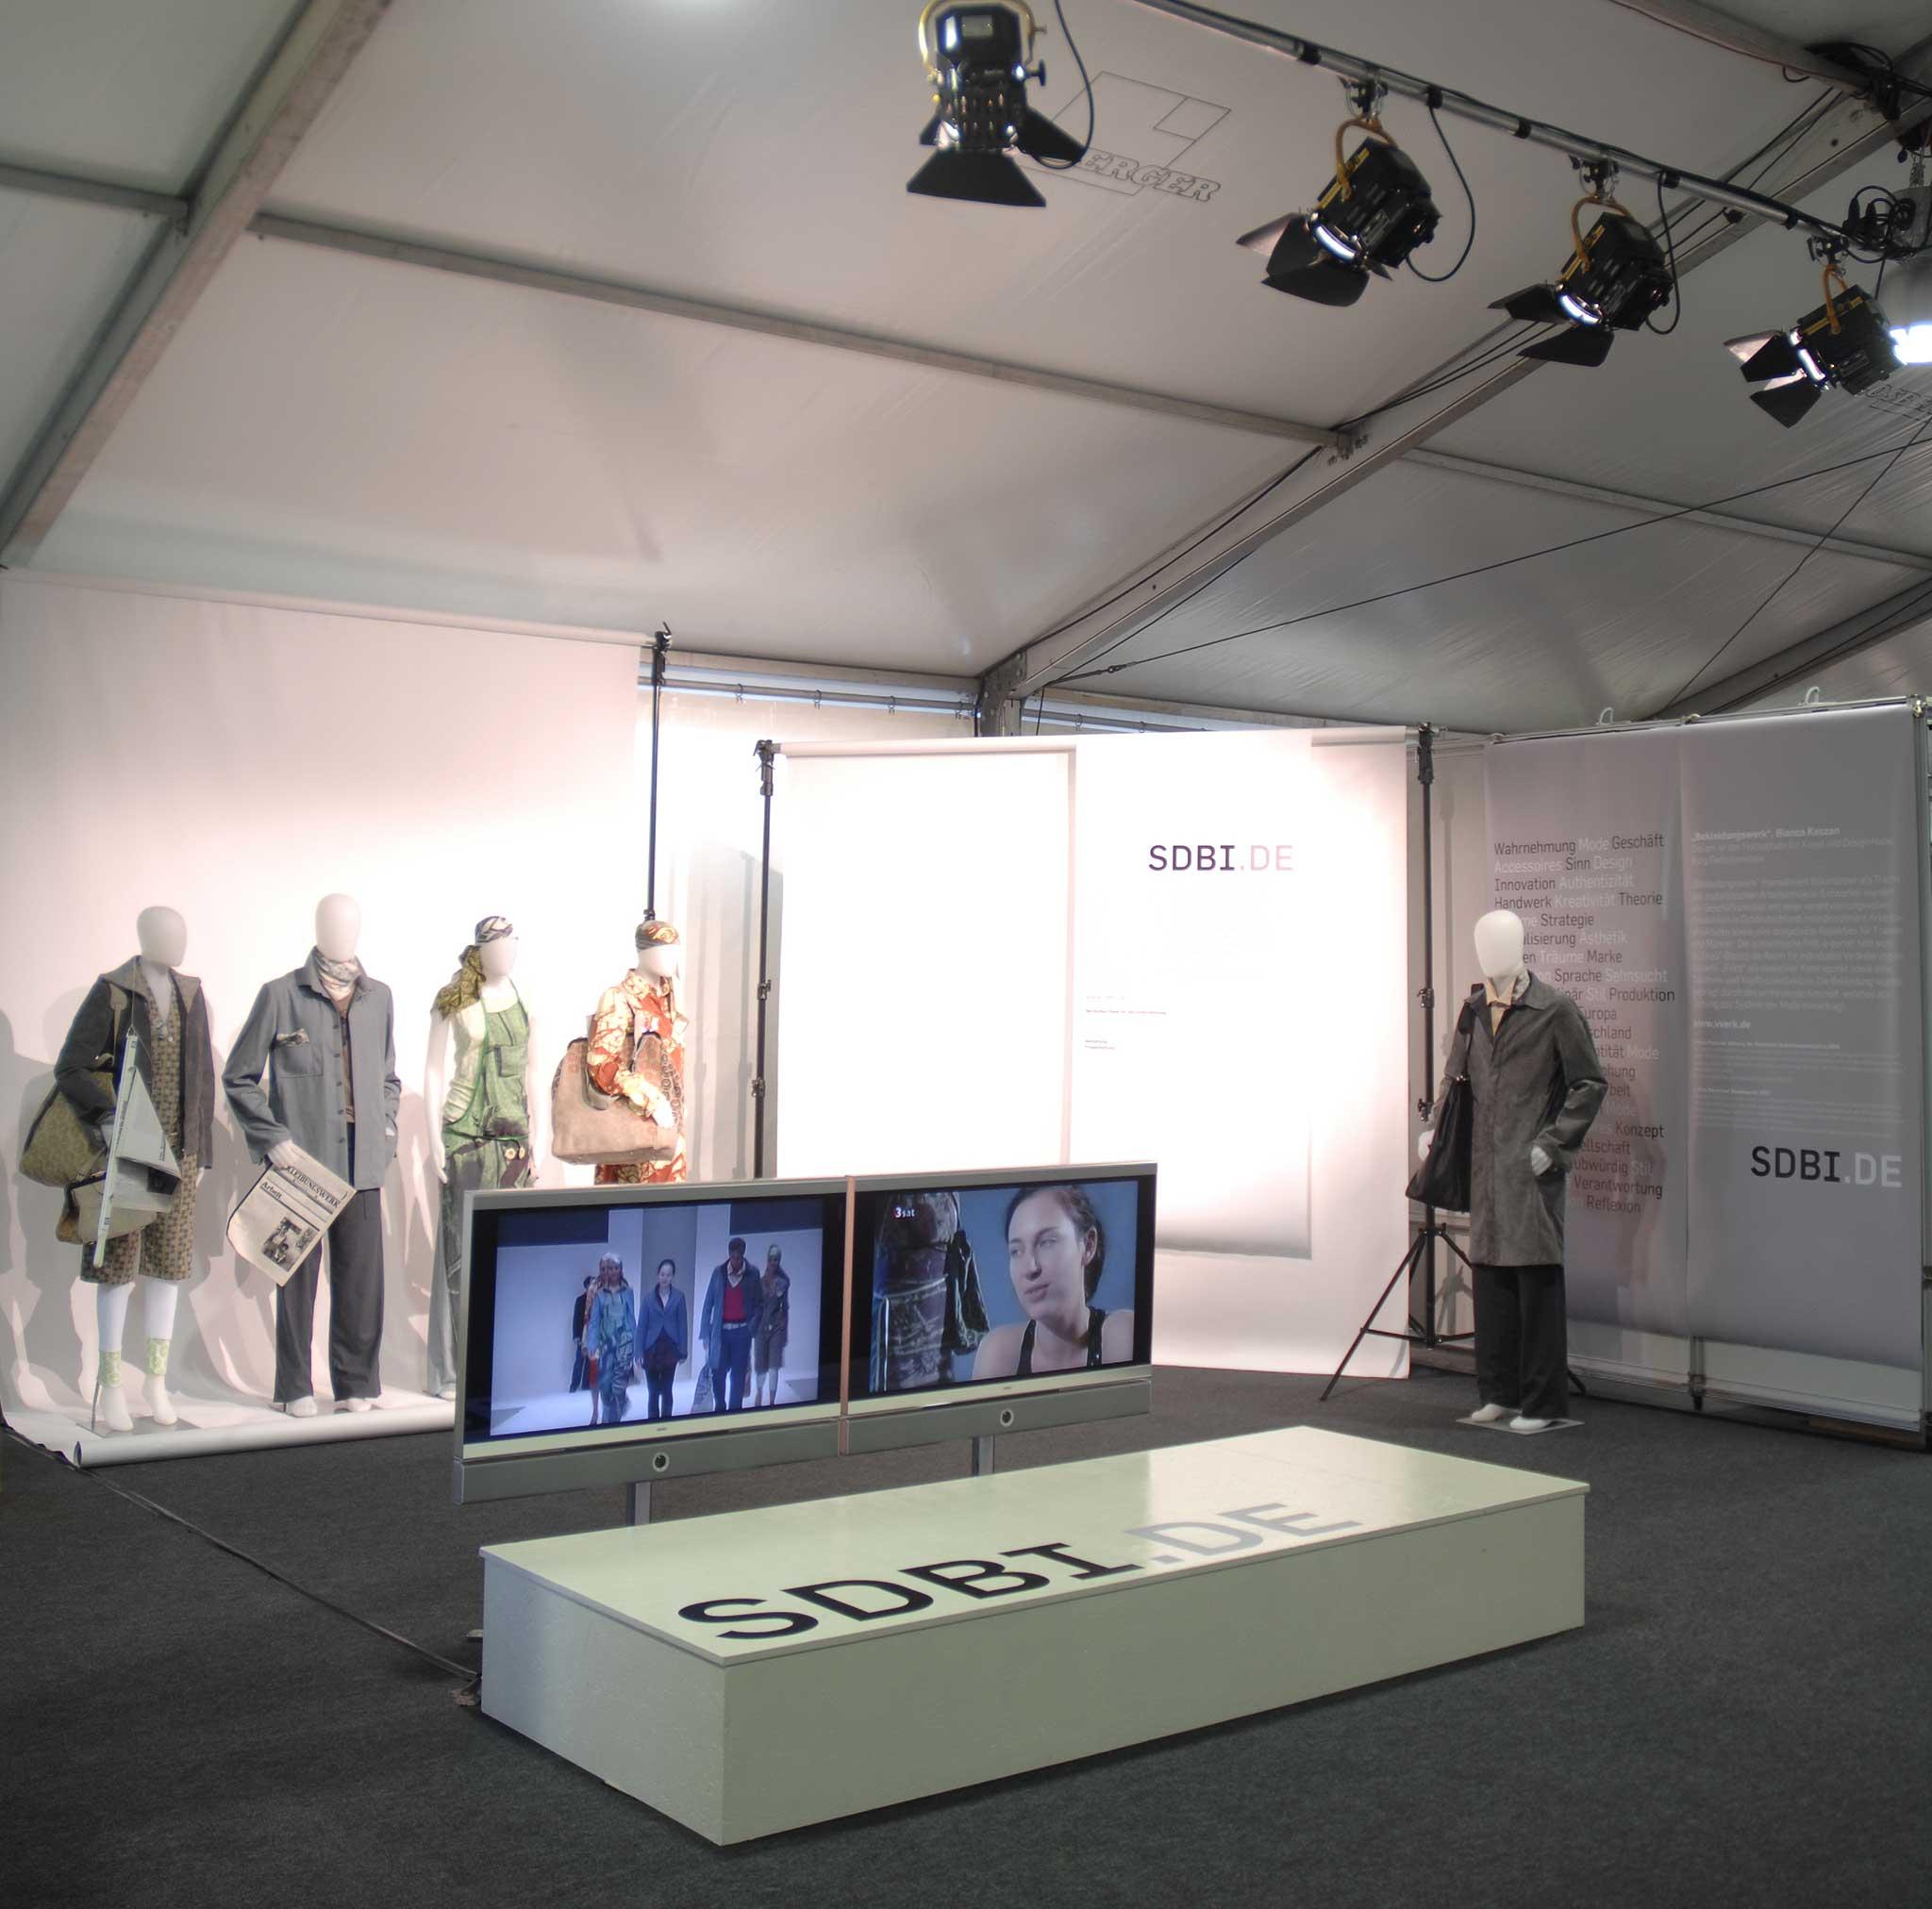 Die Stiftung der Deutschen Bekleidungsindustrie (SDBI) stellte ihre Nachwuchsarbeit während der Tage der offenen Tür der Bundesregierung vor.